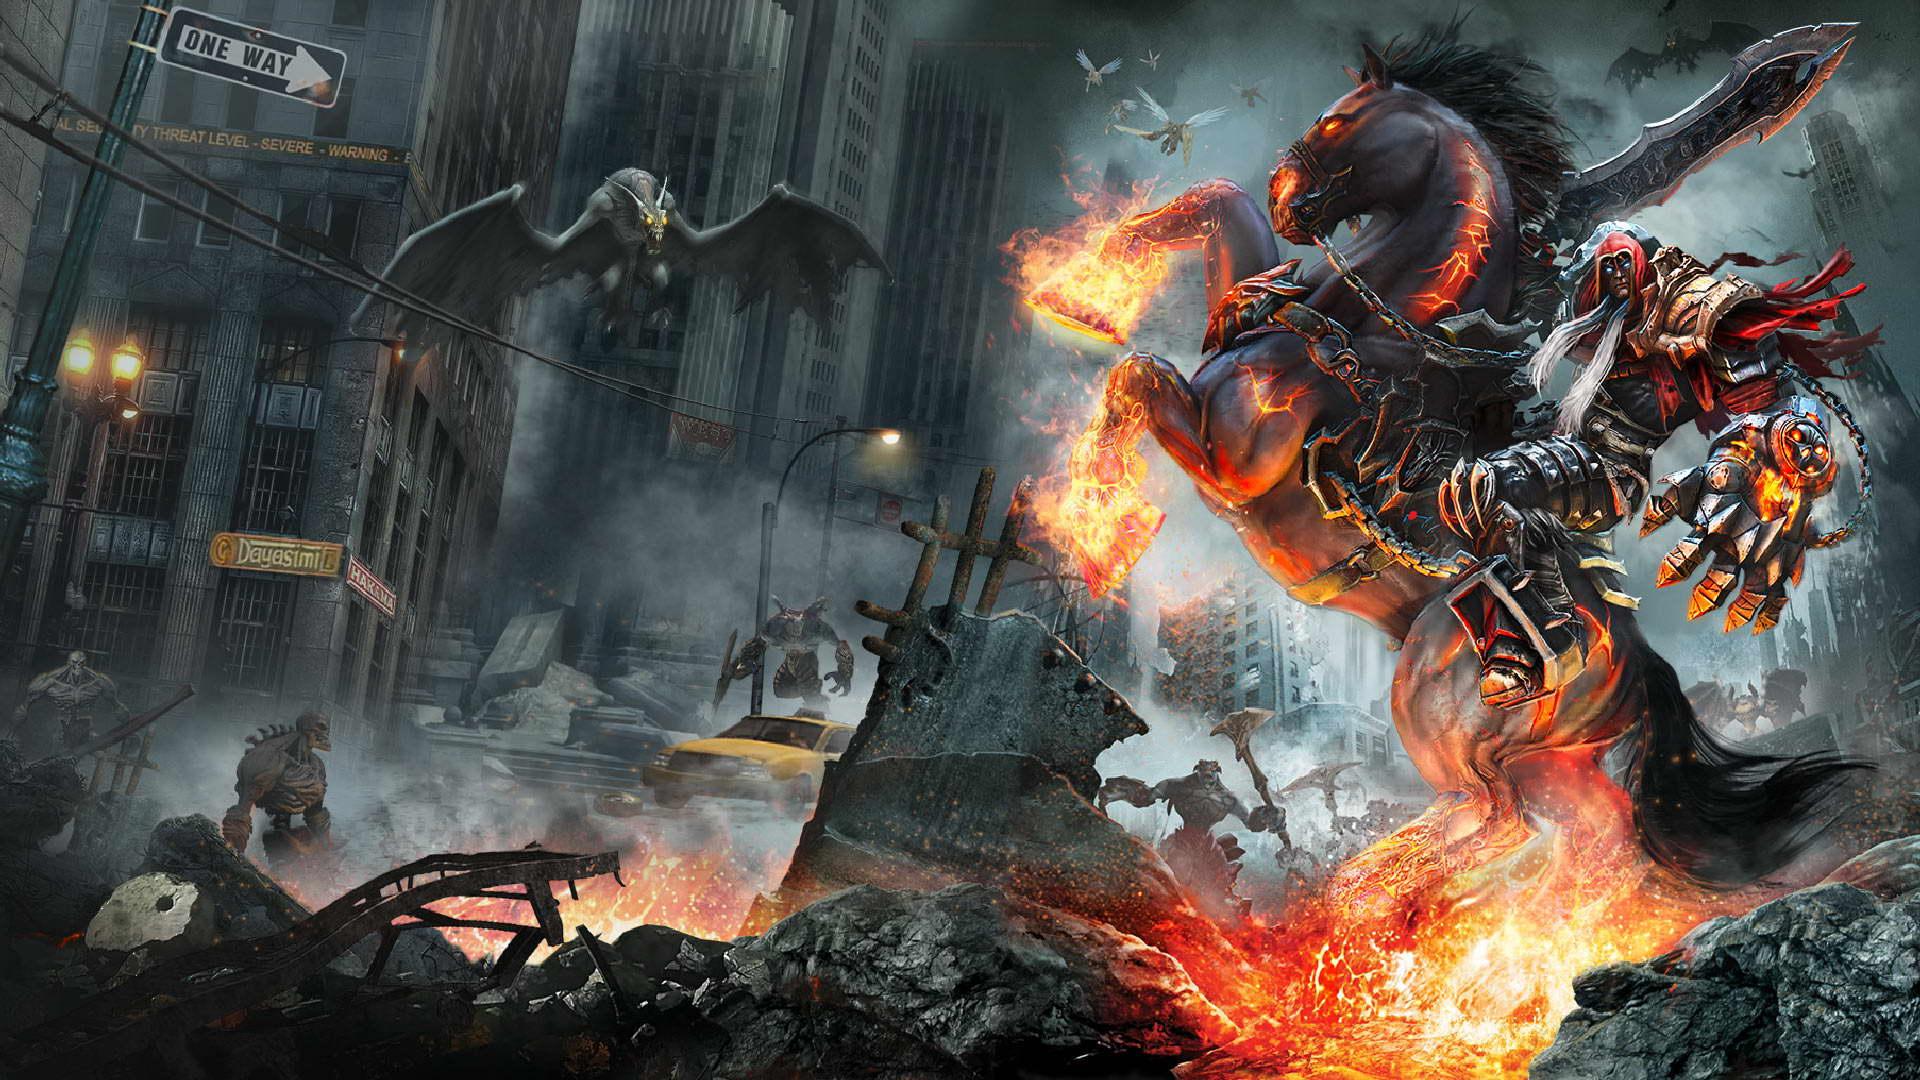 Darksiders: Warmastered Edition hỗ trợ 4K trên PS4 Pro và PC - Tin Game